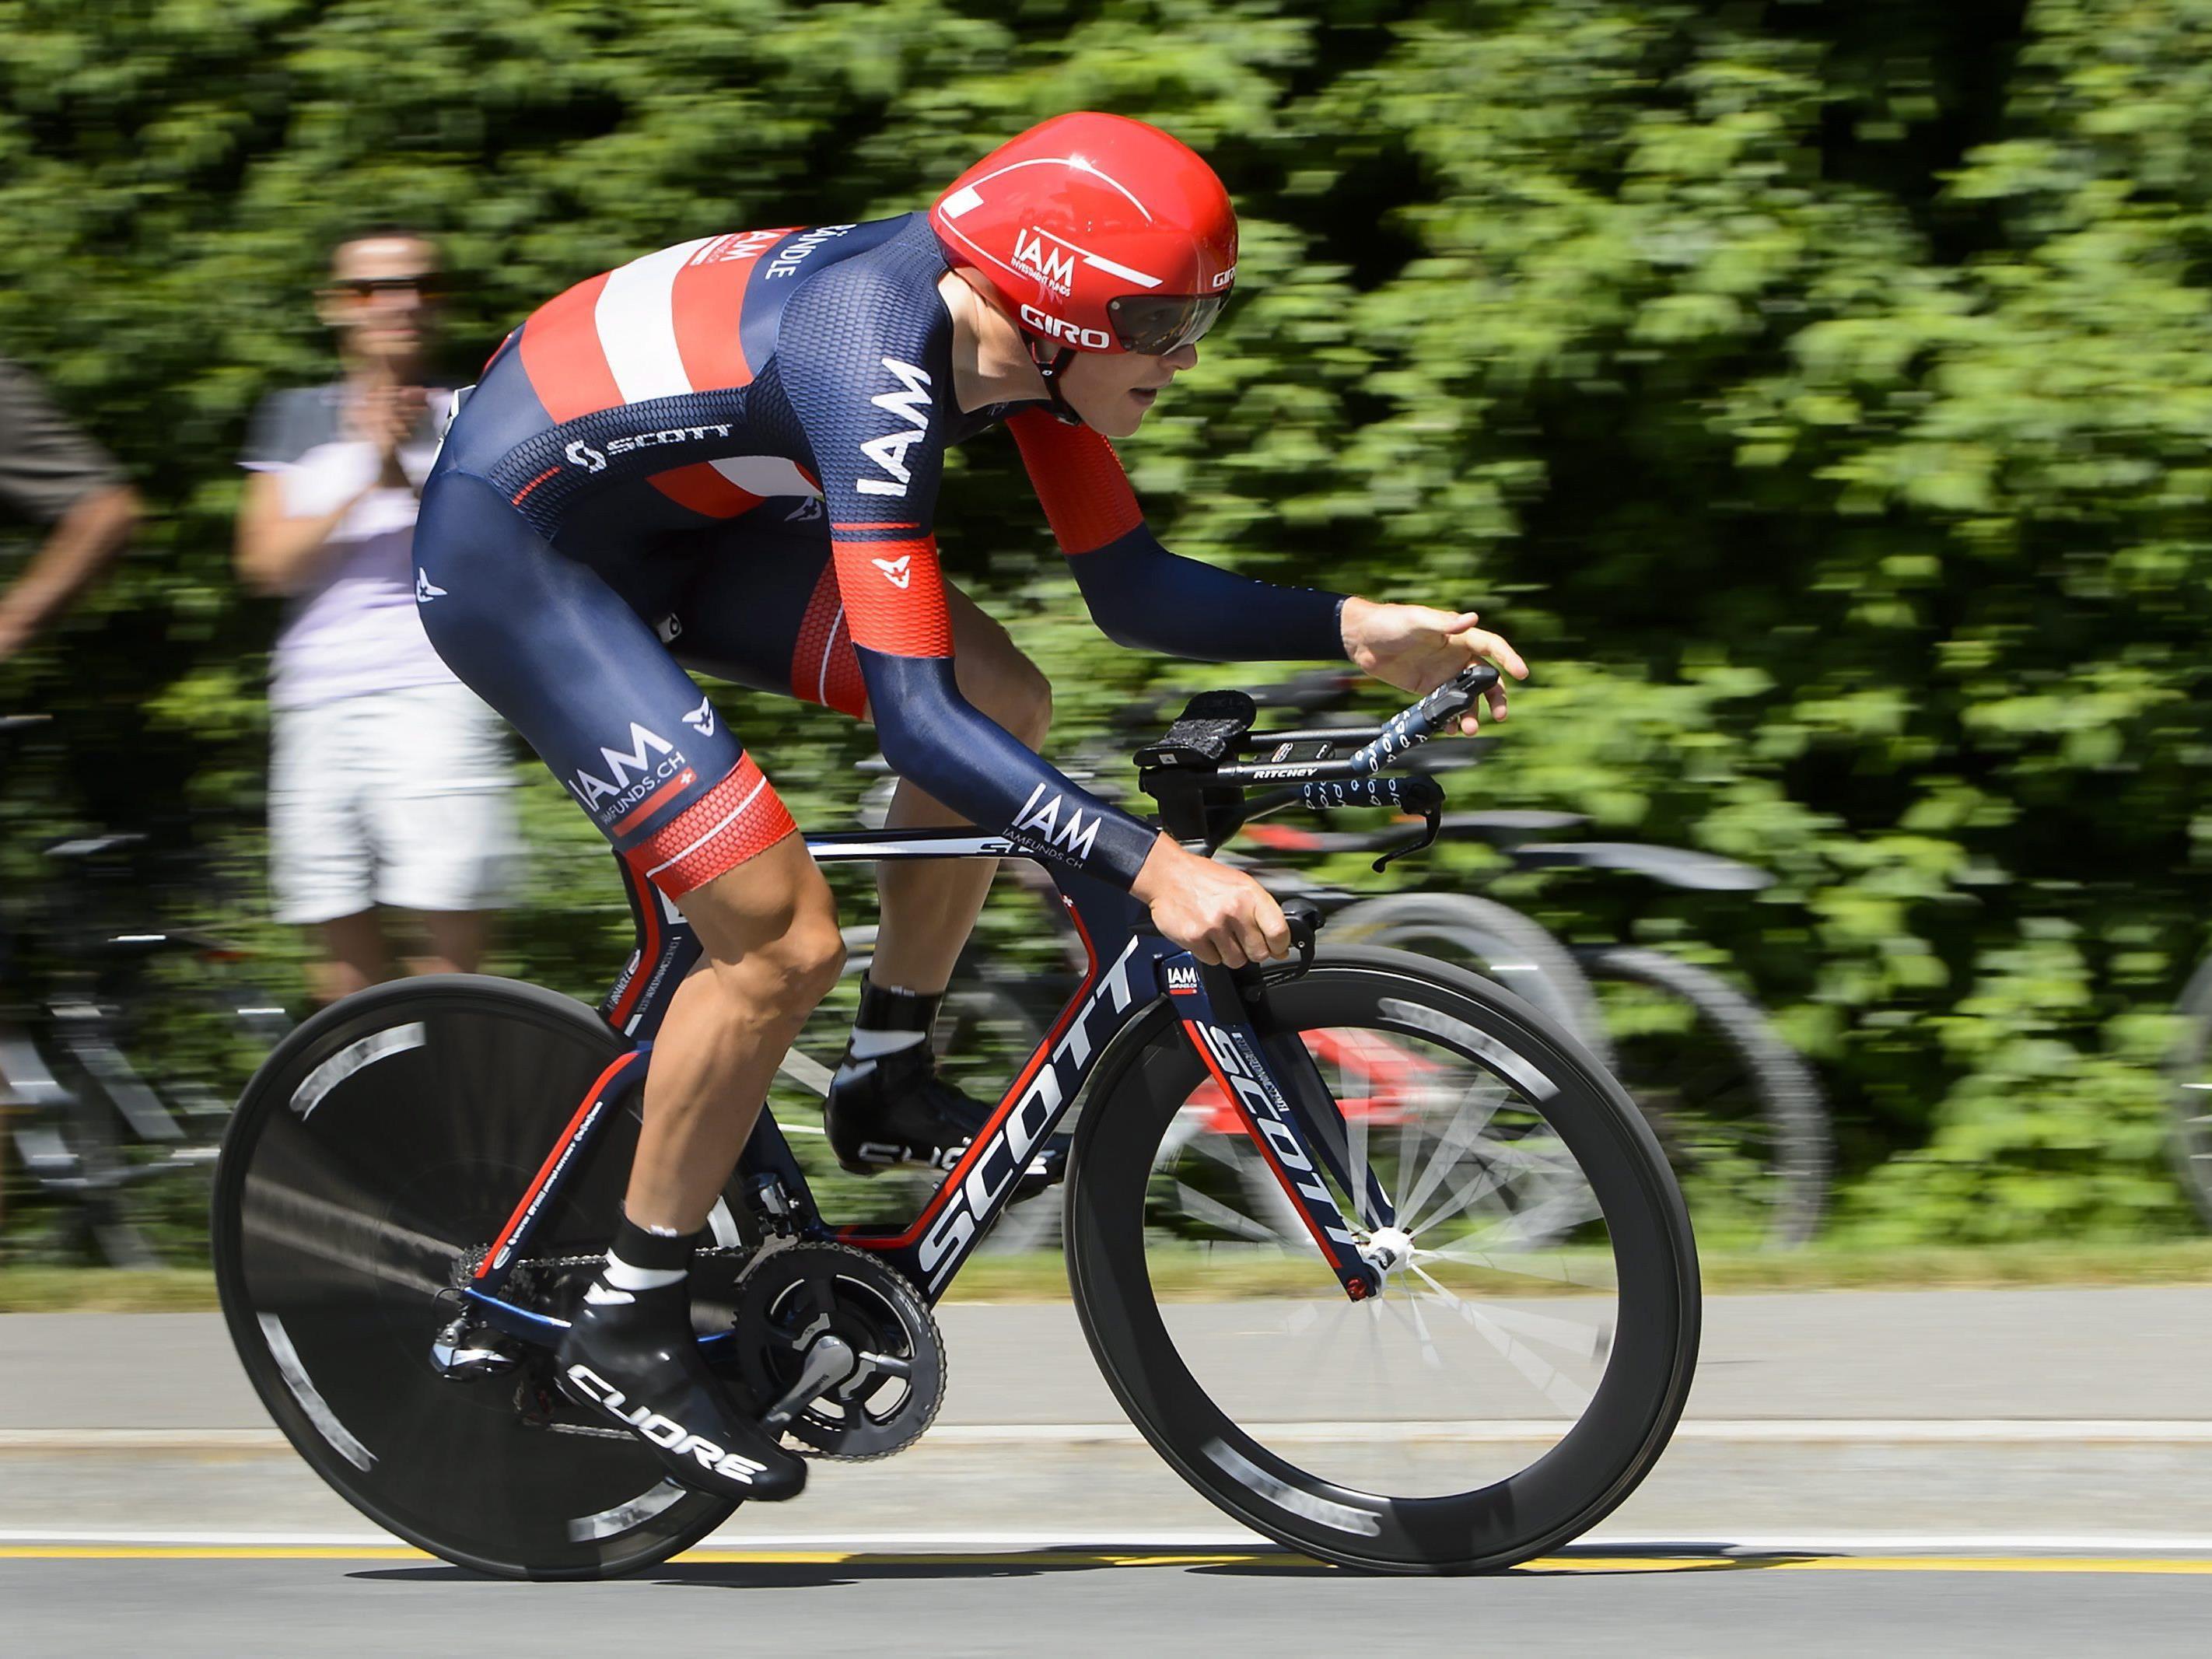 """Den Hohenemser Brändle reizt die """"dünne Luft"""" bei der Tour - und meint damit das Top-Niveau der Konkurrenz."""